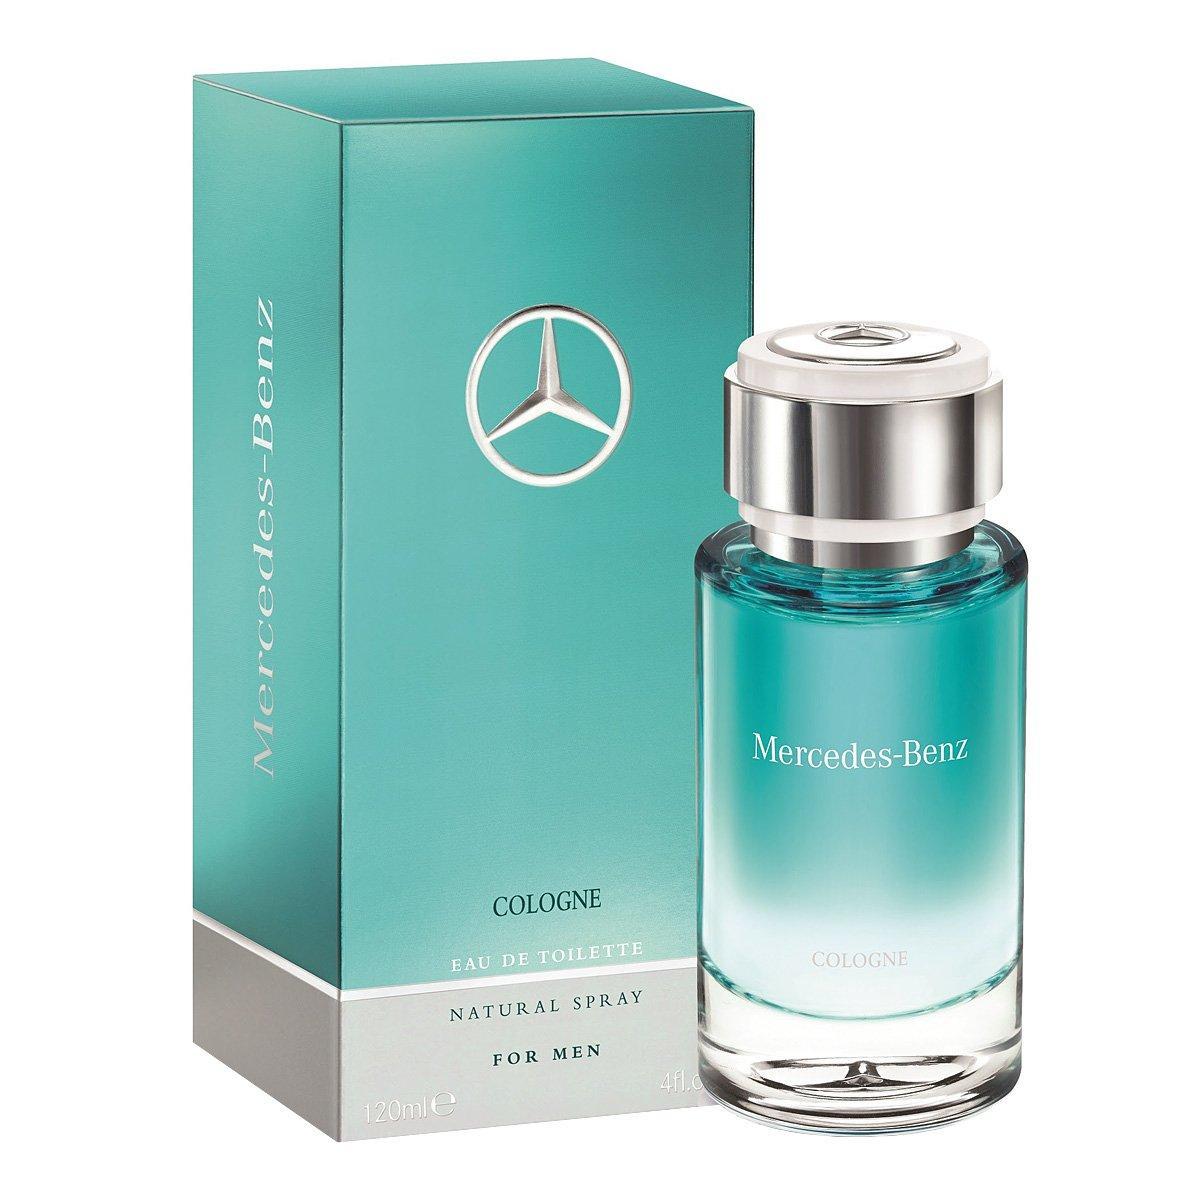 Мужской аромат Mercedes-Benz Cologne